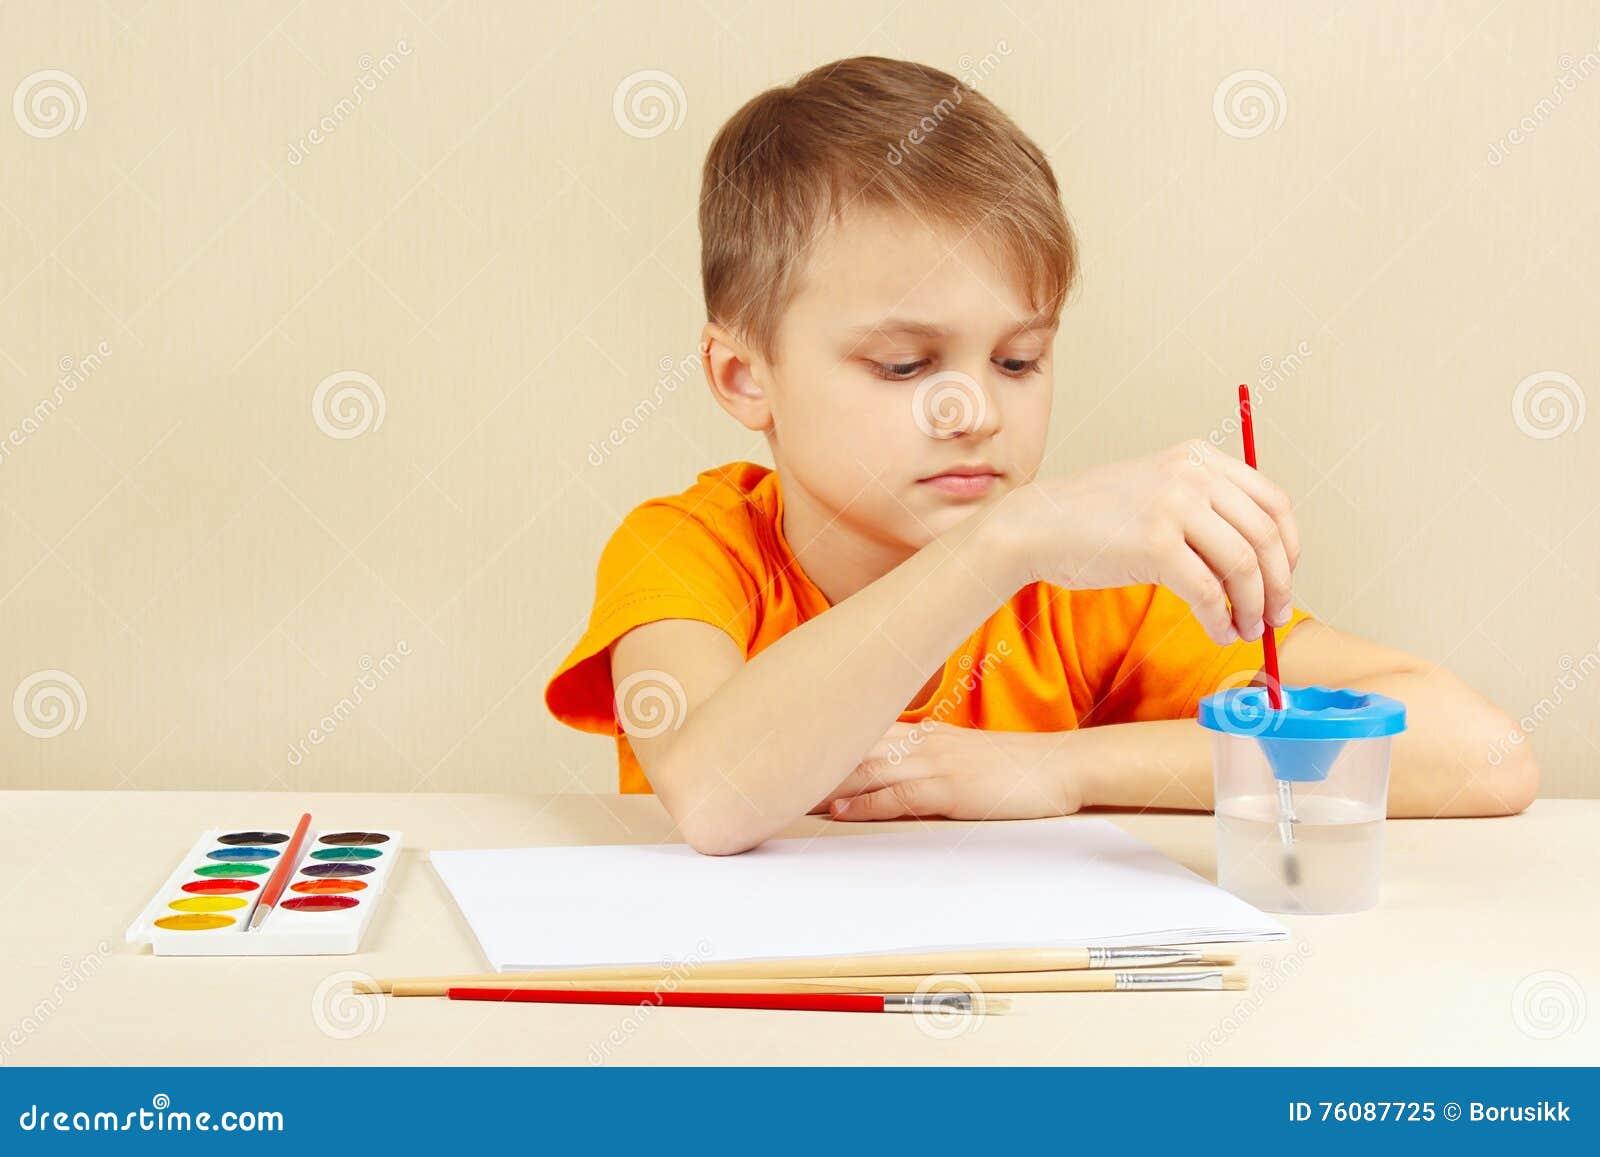 Jeune artiste dans la chemise orange allant peindre des couleurs